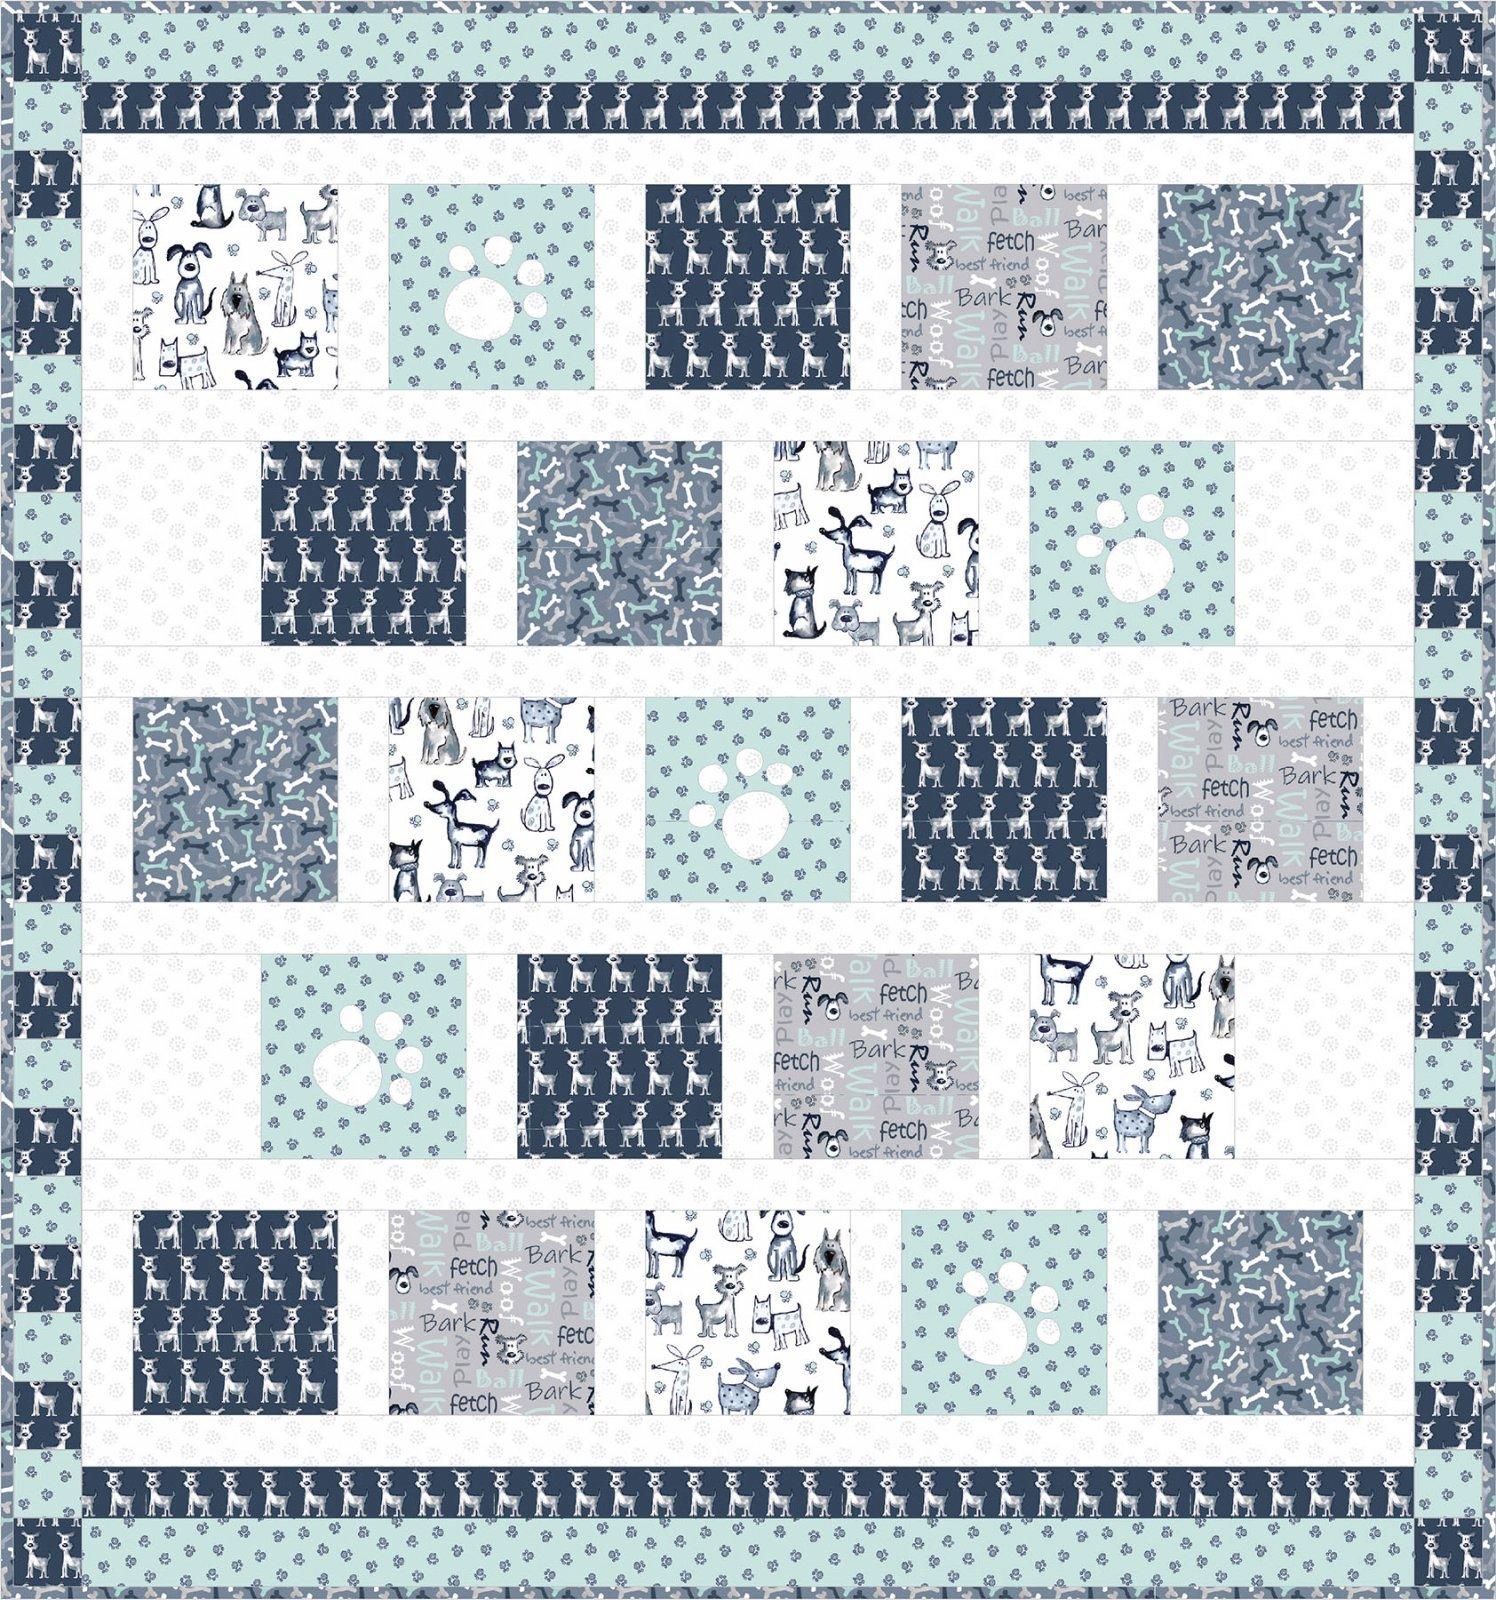 Poochie McGruff Flannel Quilt Kit